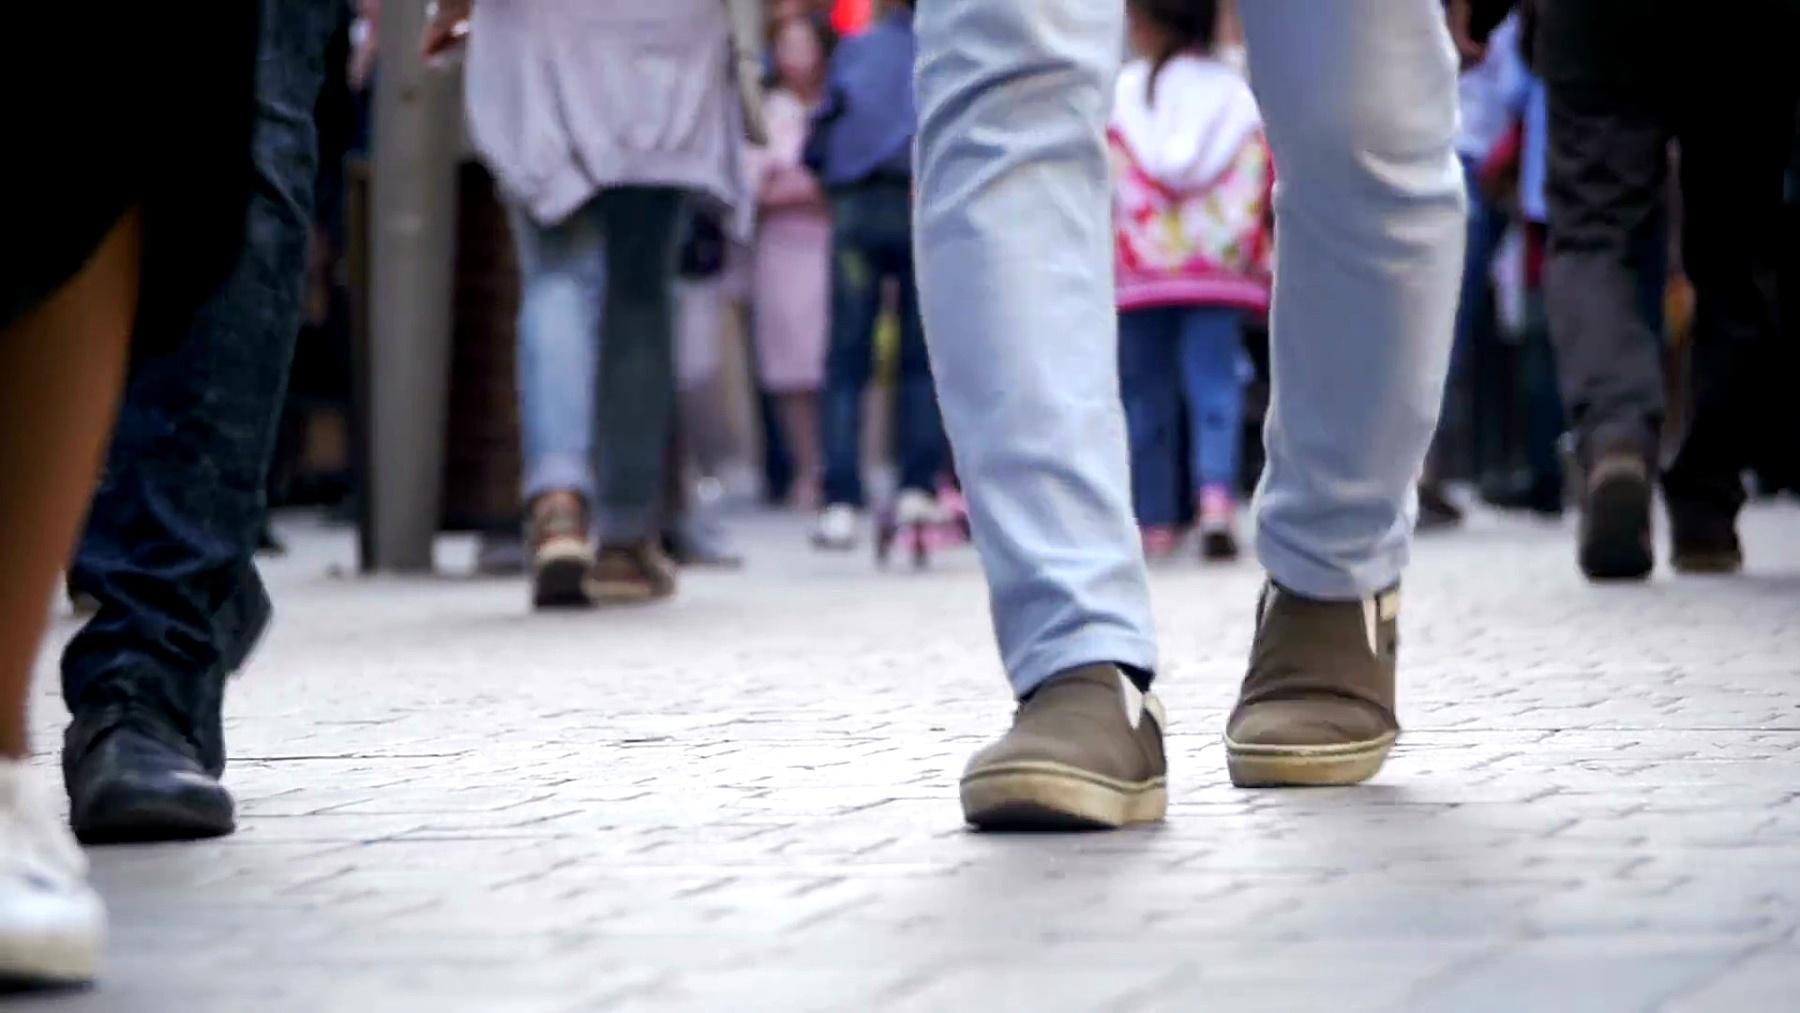 人群匿名者走在街上。人群脚。慢动作